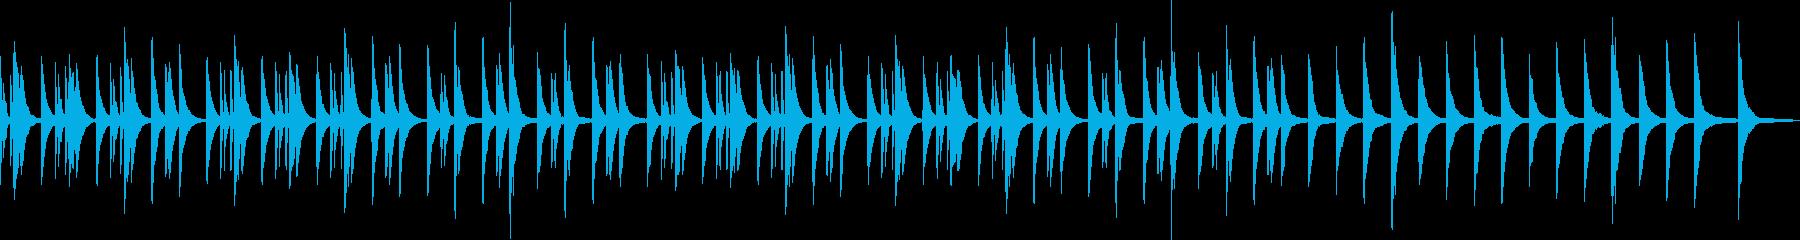 ソロピアノ、アンビエント、ヒーリングの再生済みの波形